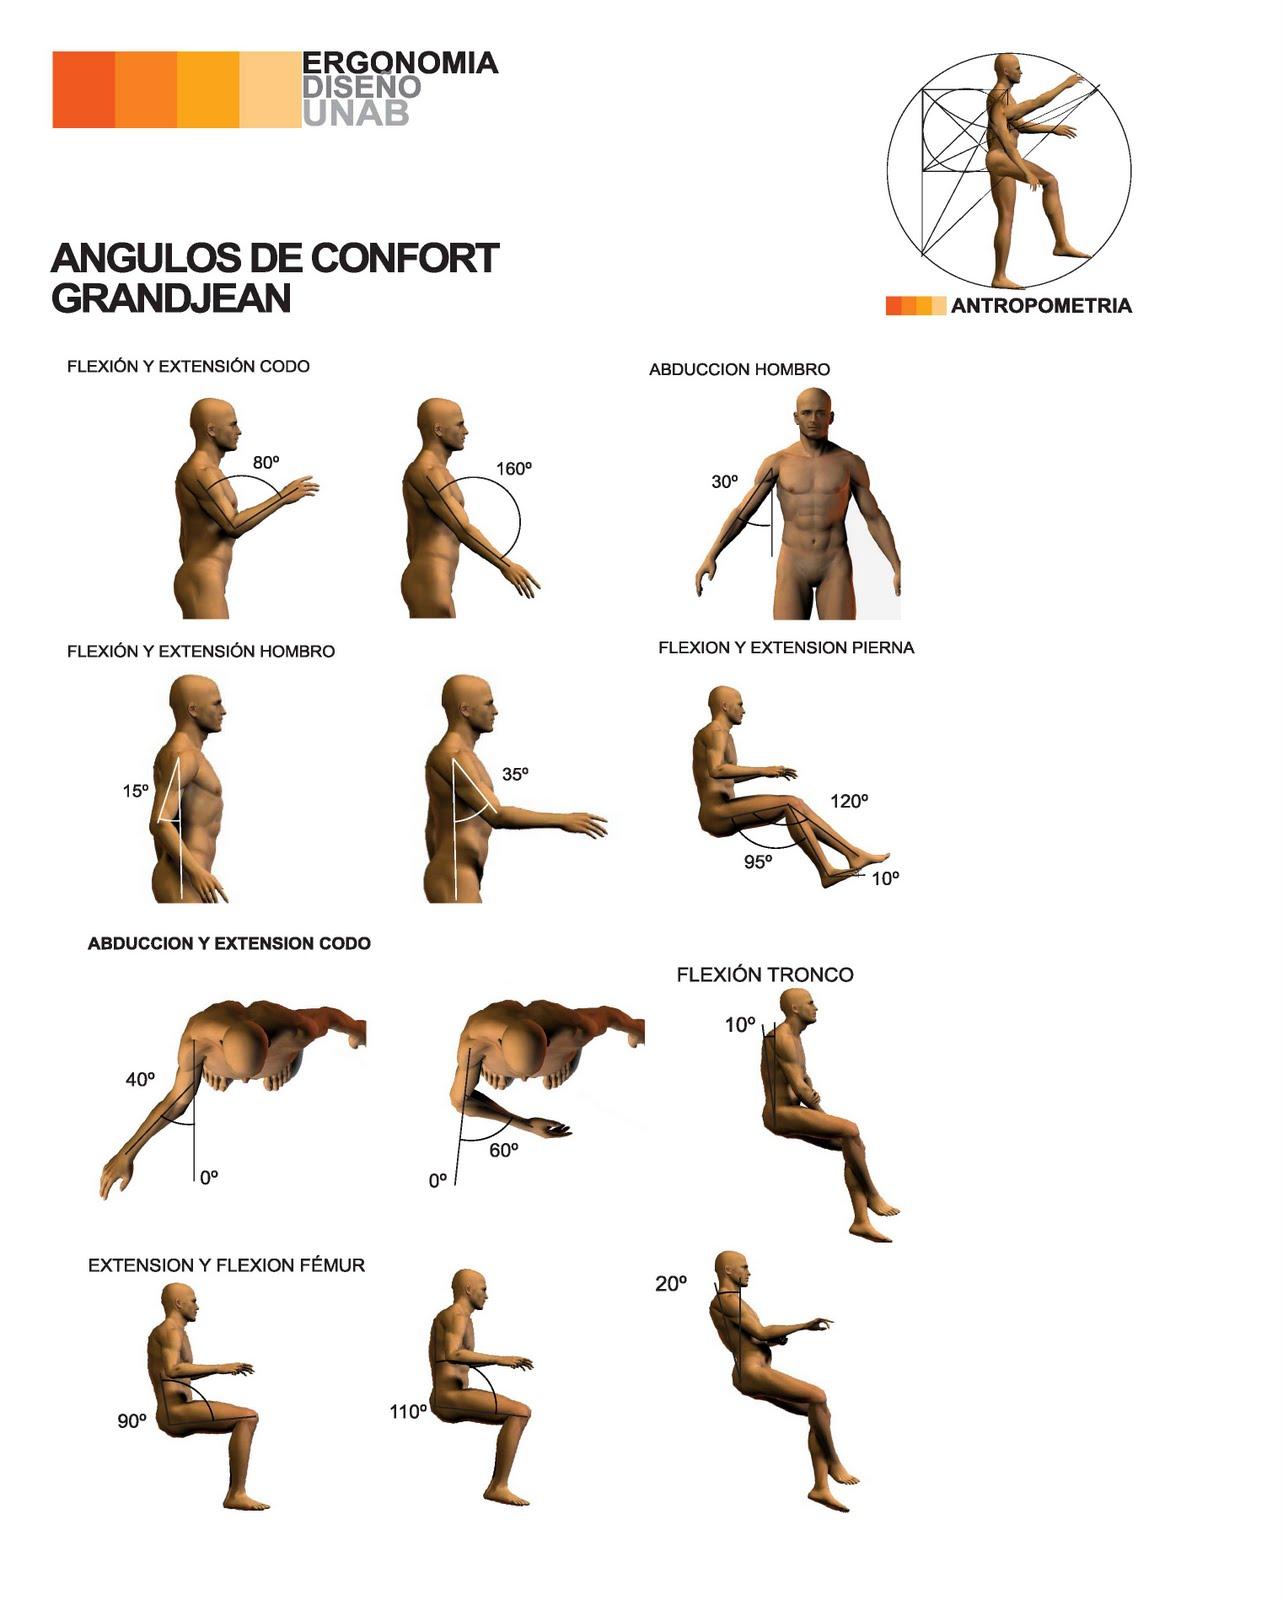 Ergonomia ergonom a for Caracteristicas de la ergonomia